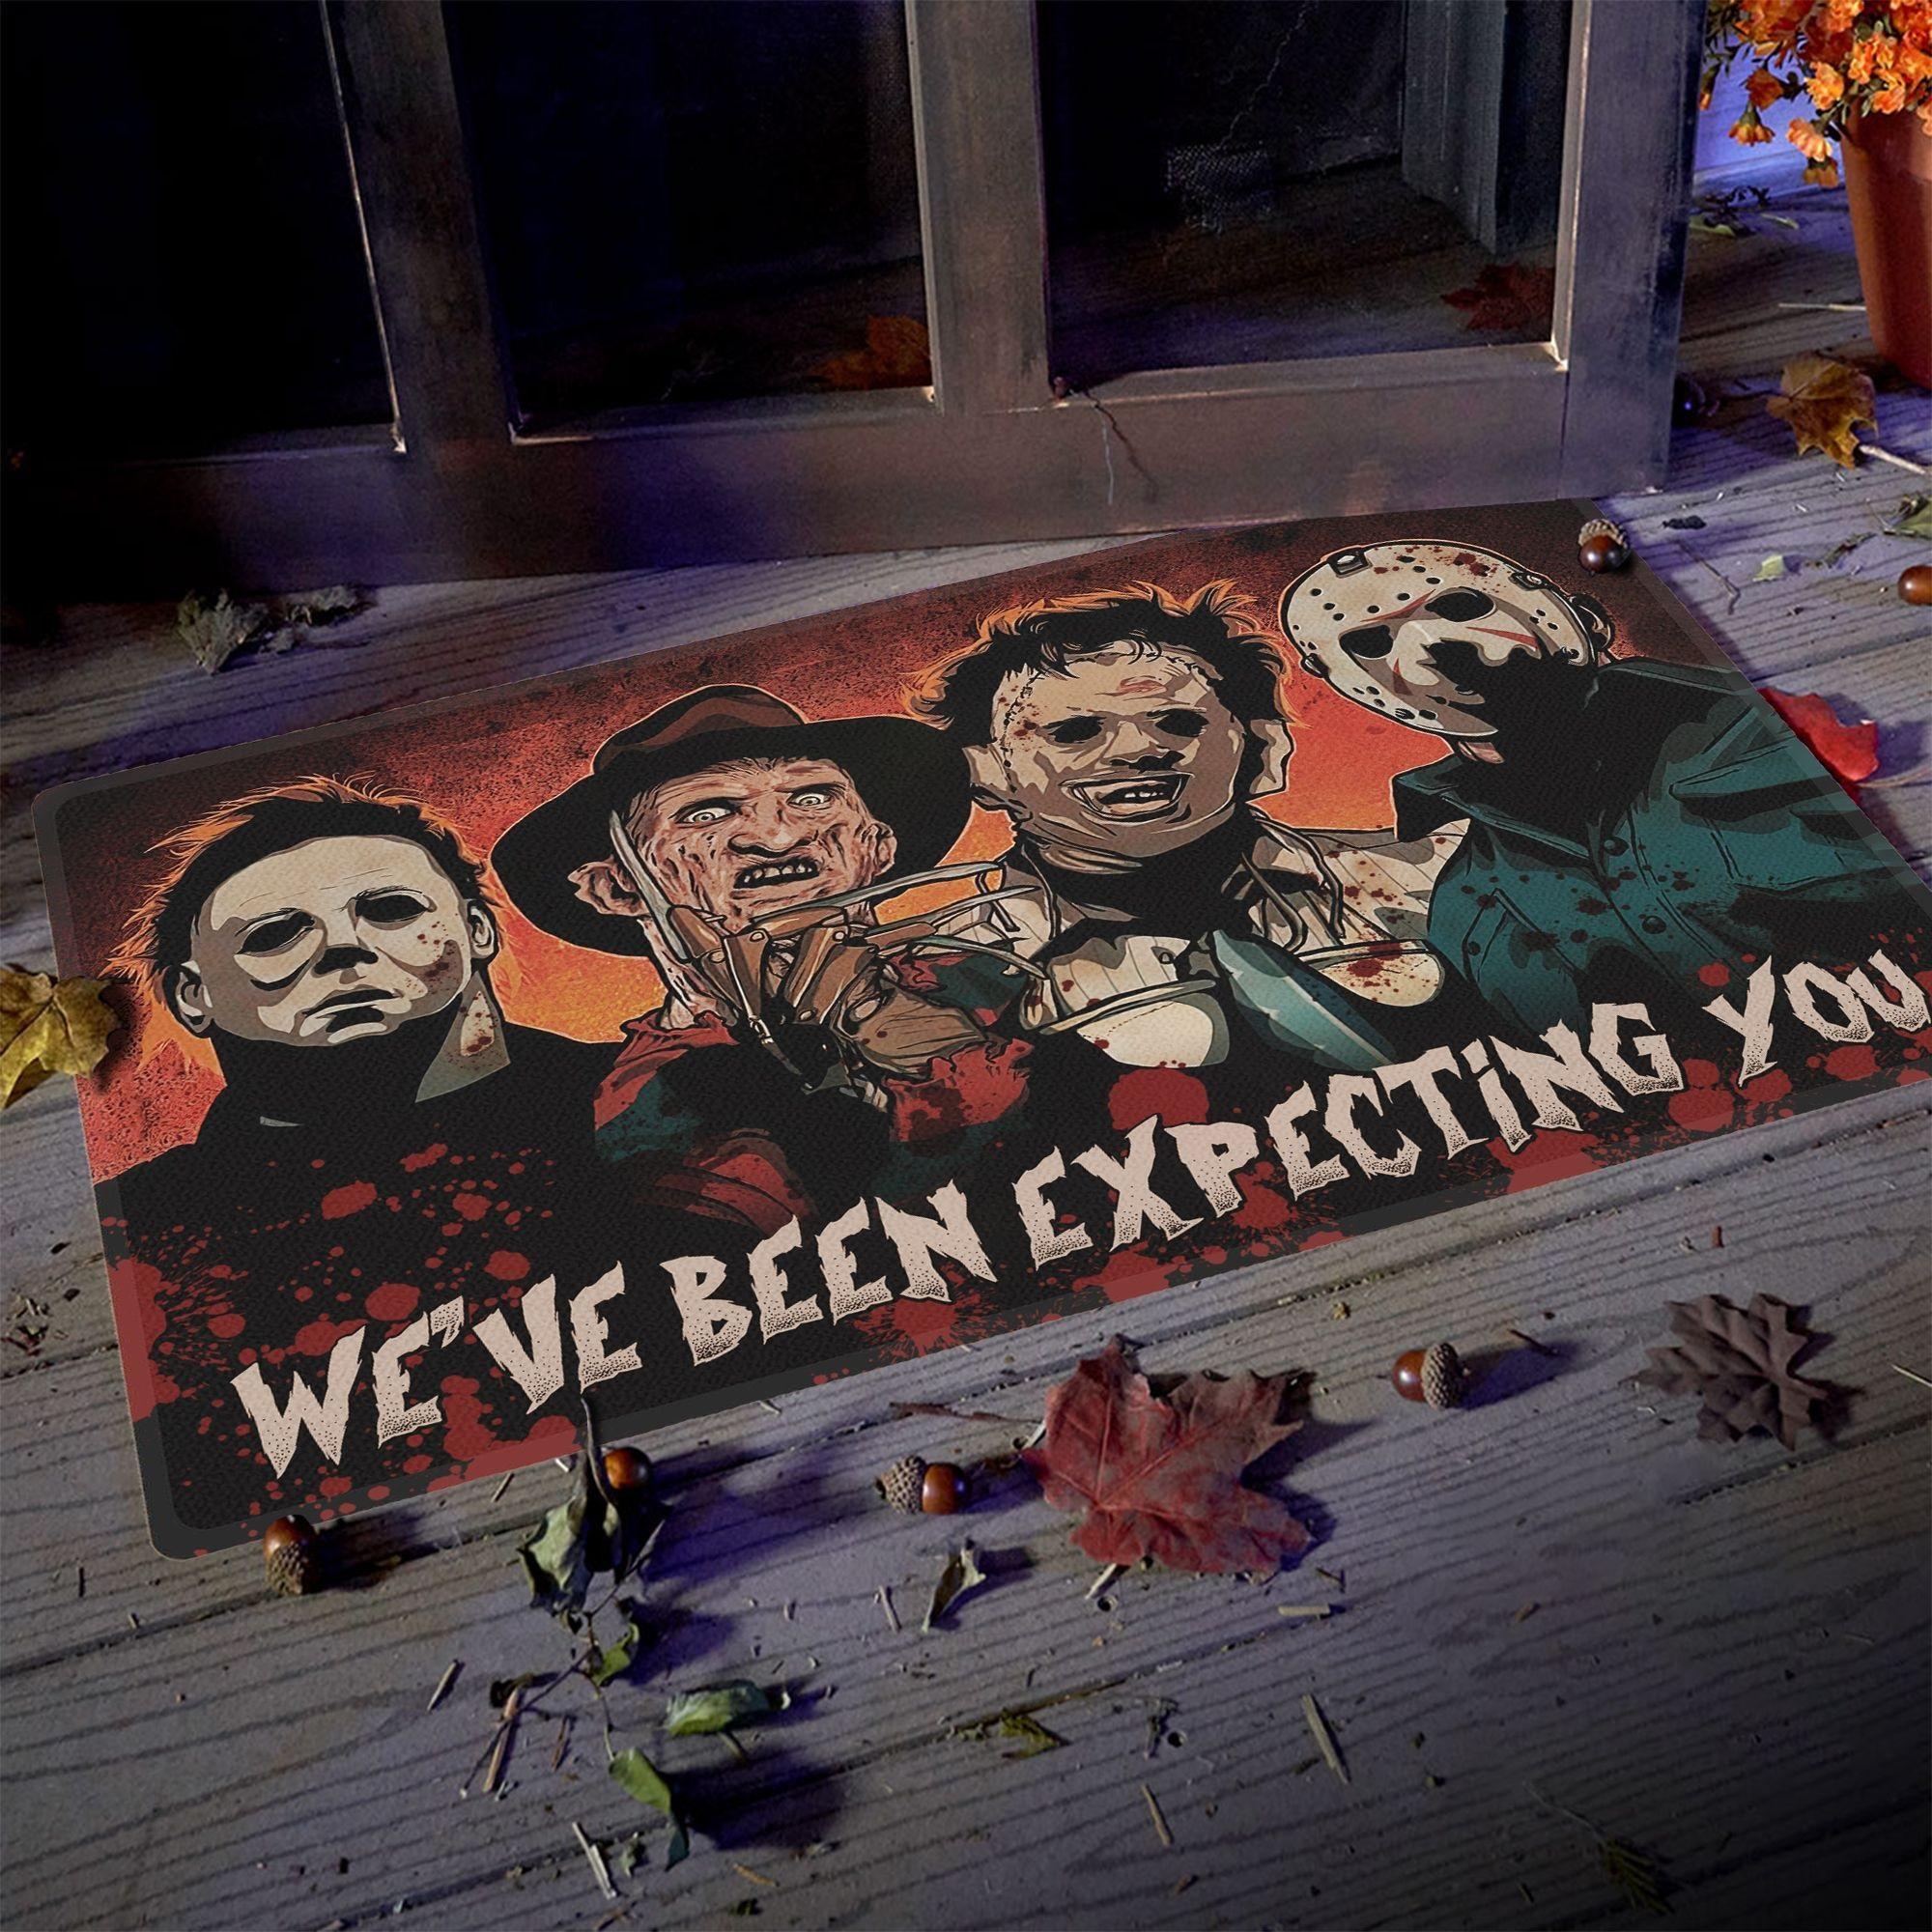 Horror killers We've been expecting you doormat